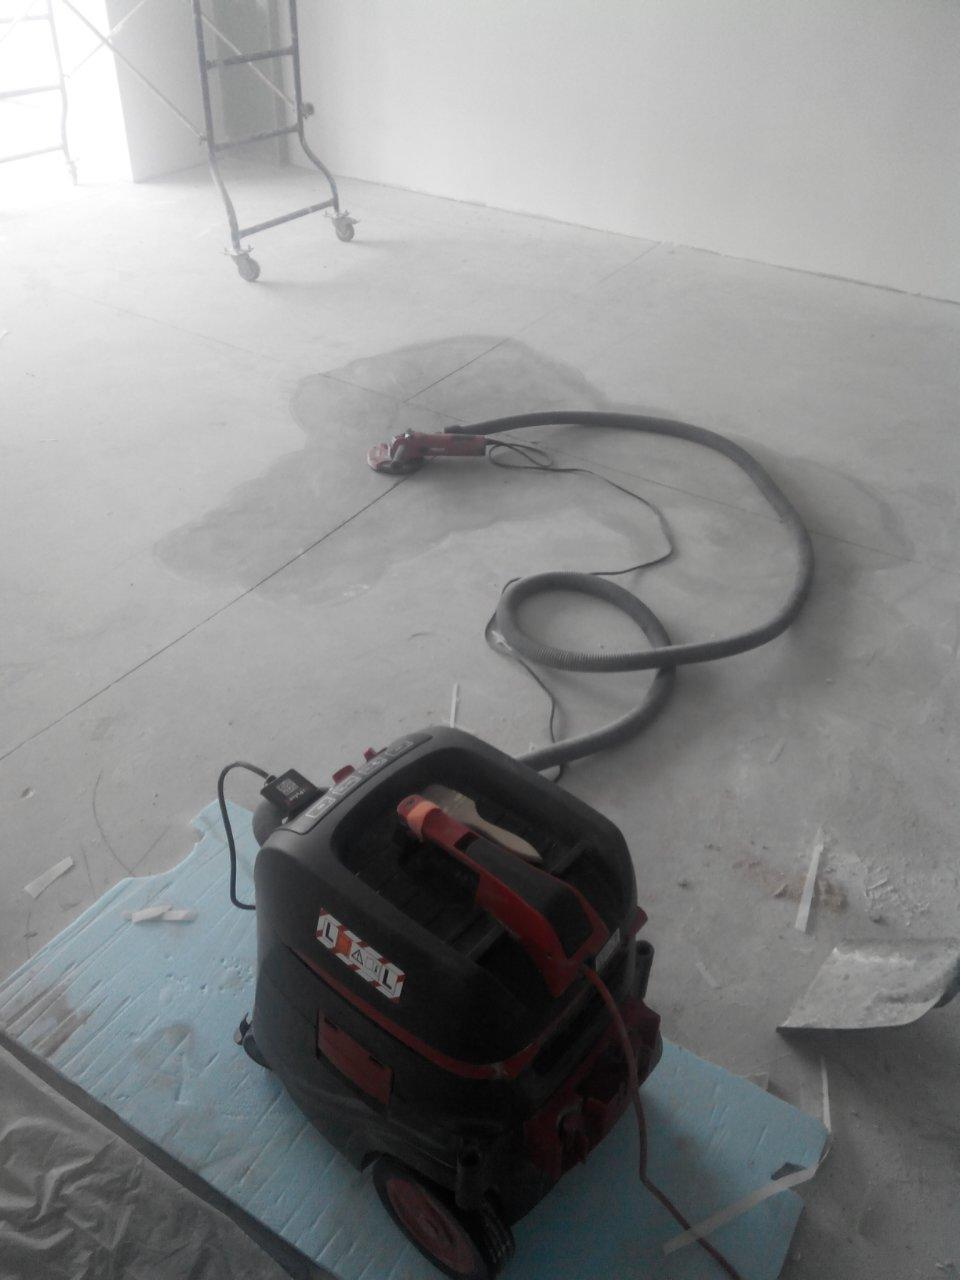 Фото Работы по алмазной шлифовке(локальное выравнивание стяжки) проводятся с применением мощного строительного пылесоса.Это позволяет добиться минимальной запыленности помещения во время работы.